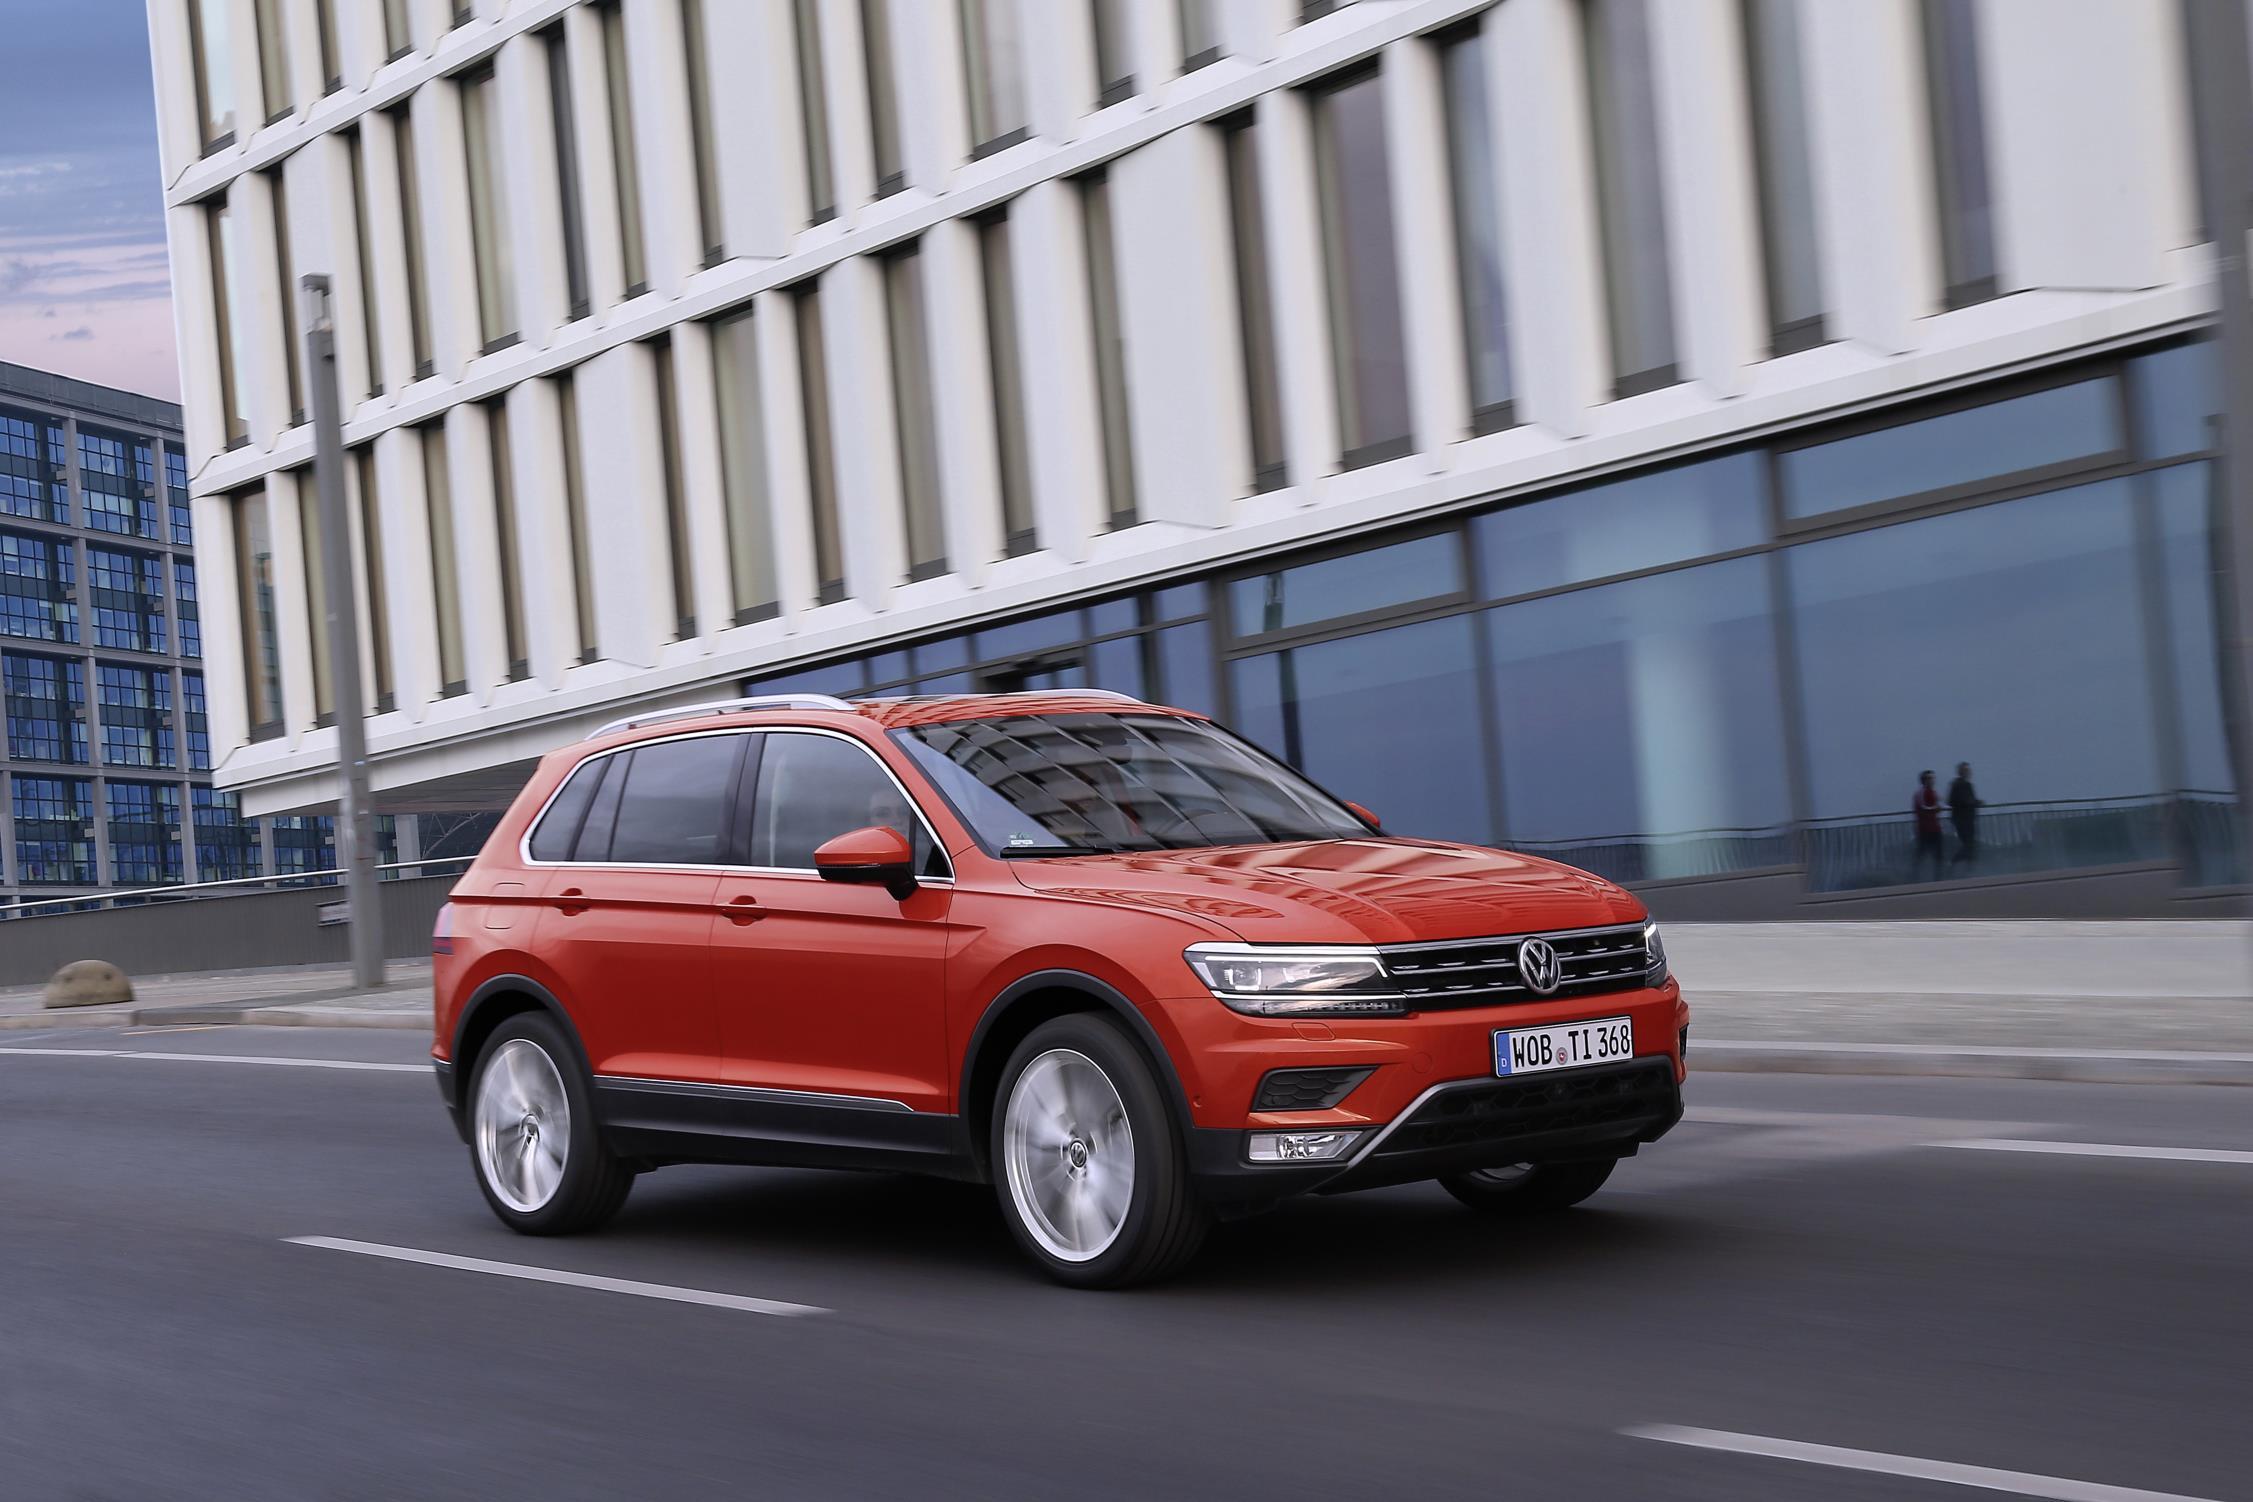 Volkswagen polo finance deals uk